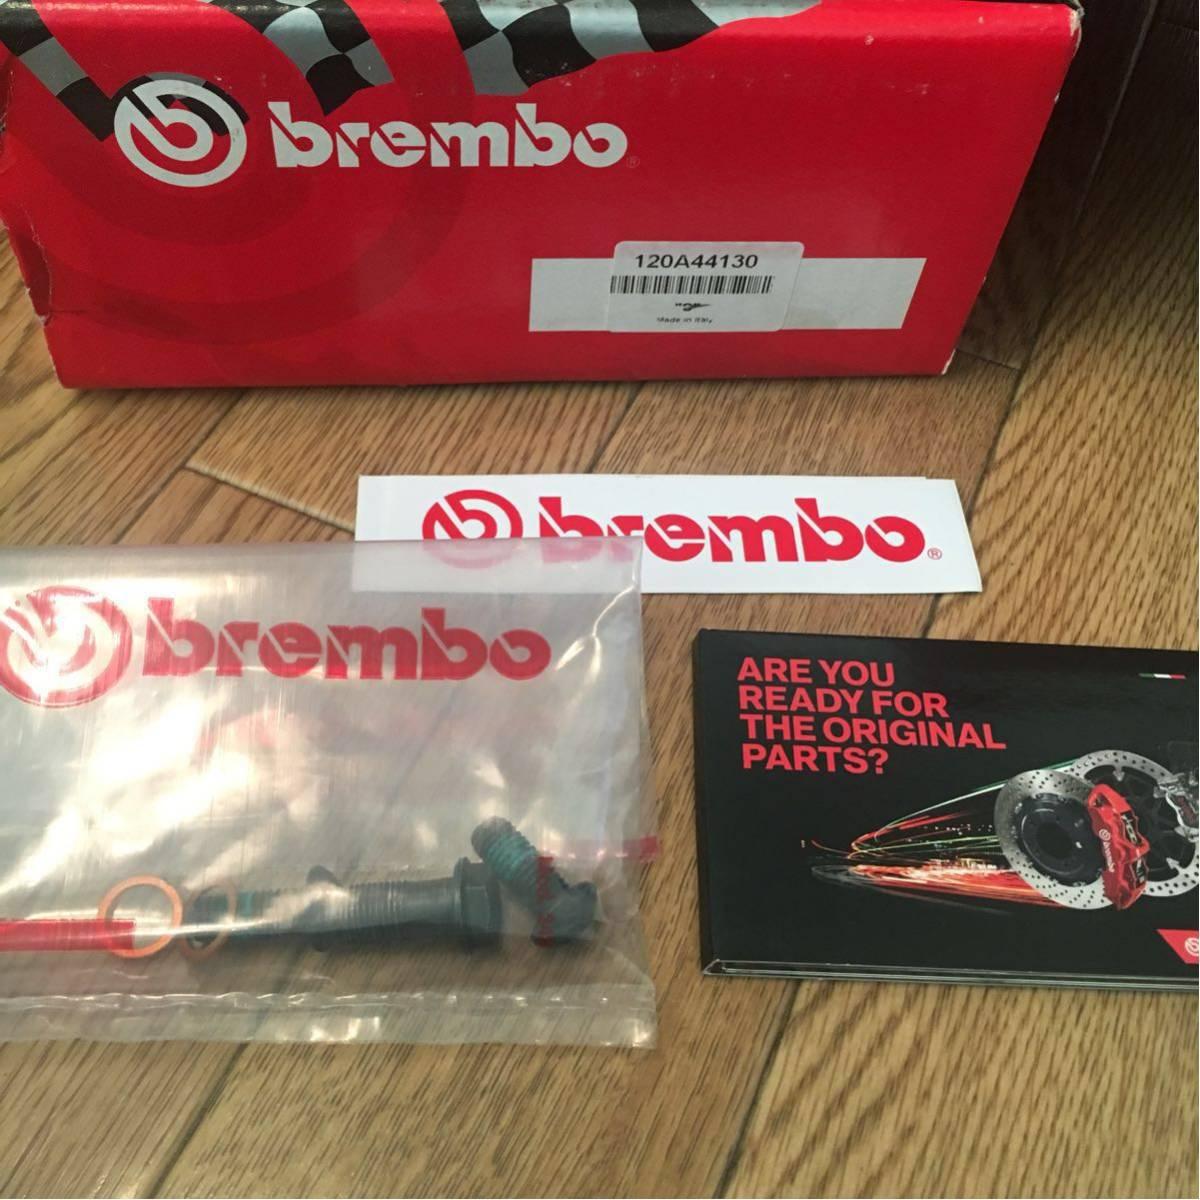 Brembo ブレンボ CNCリアブレーキキャリパーキット P2 84mm ブラック ブレンボジャパン正規品_画像5